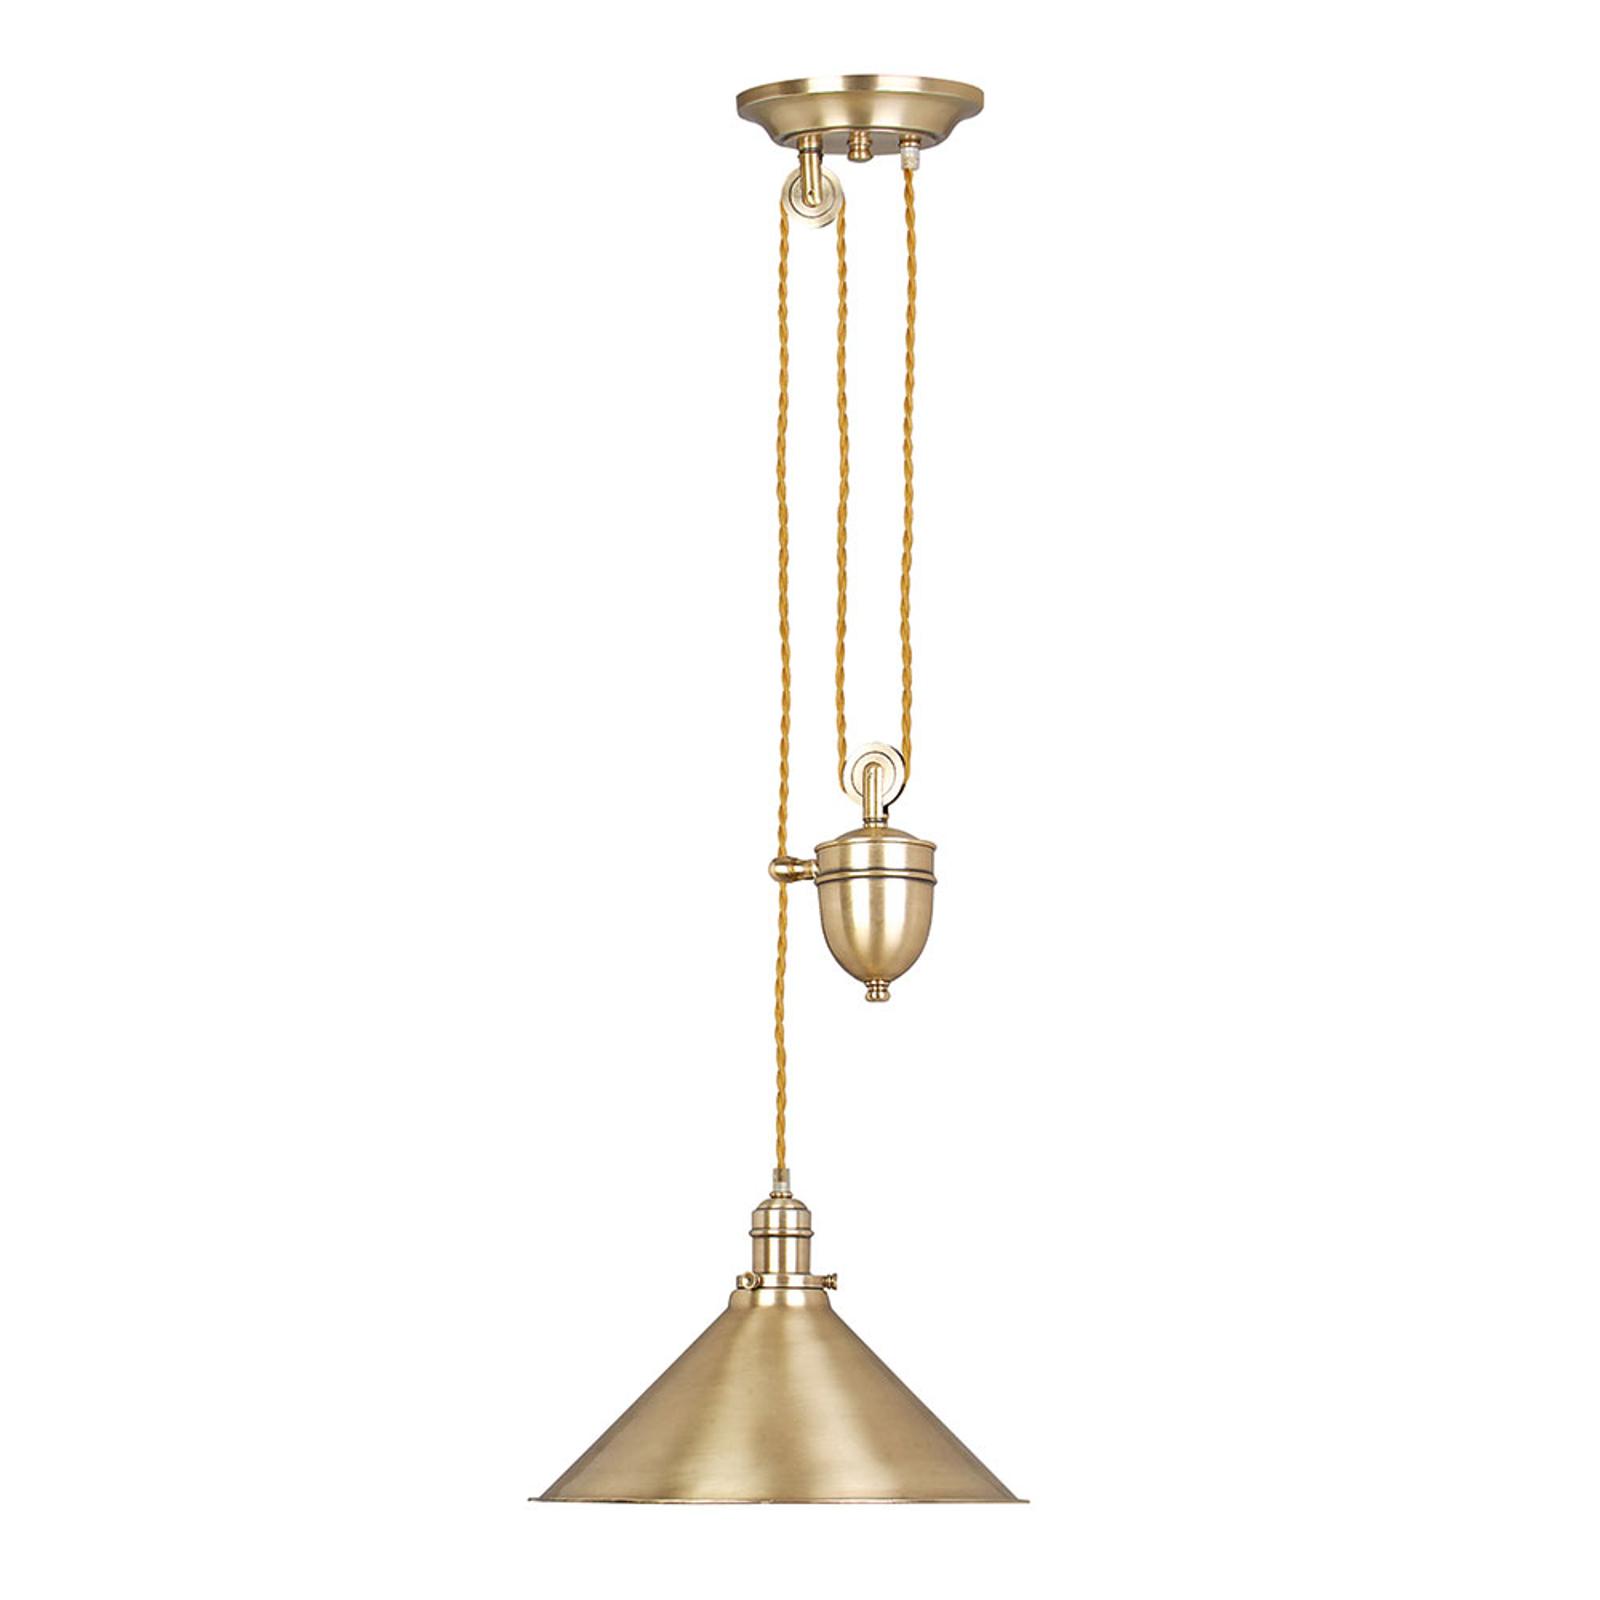 Hanglamp Provence, in hoogte verstelbaar, messing